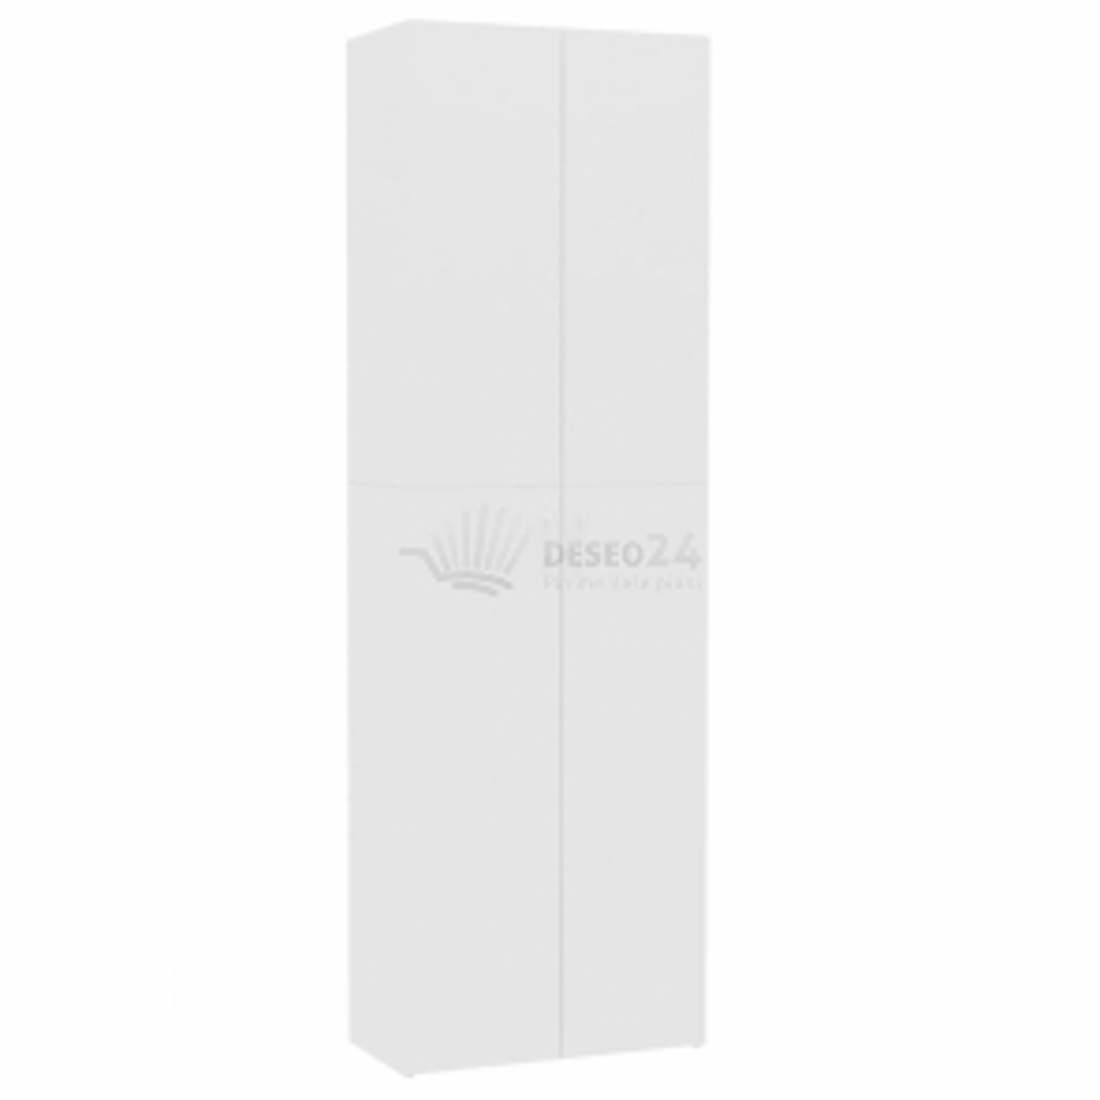 vidaXL Kancelářská skříň bílá 60 x 32 x 190 cm dřevotříska [800297]